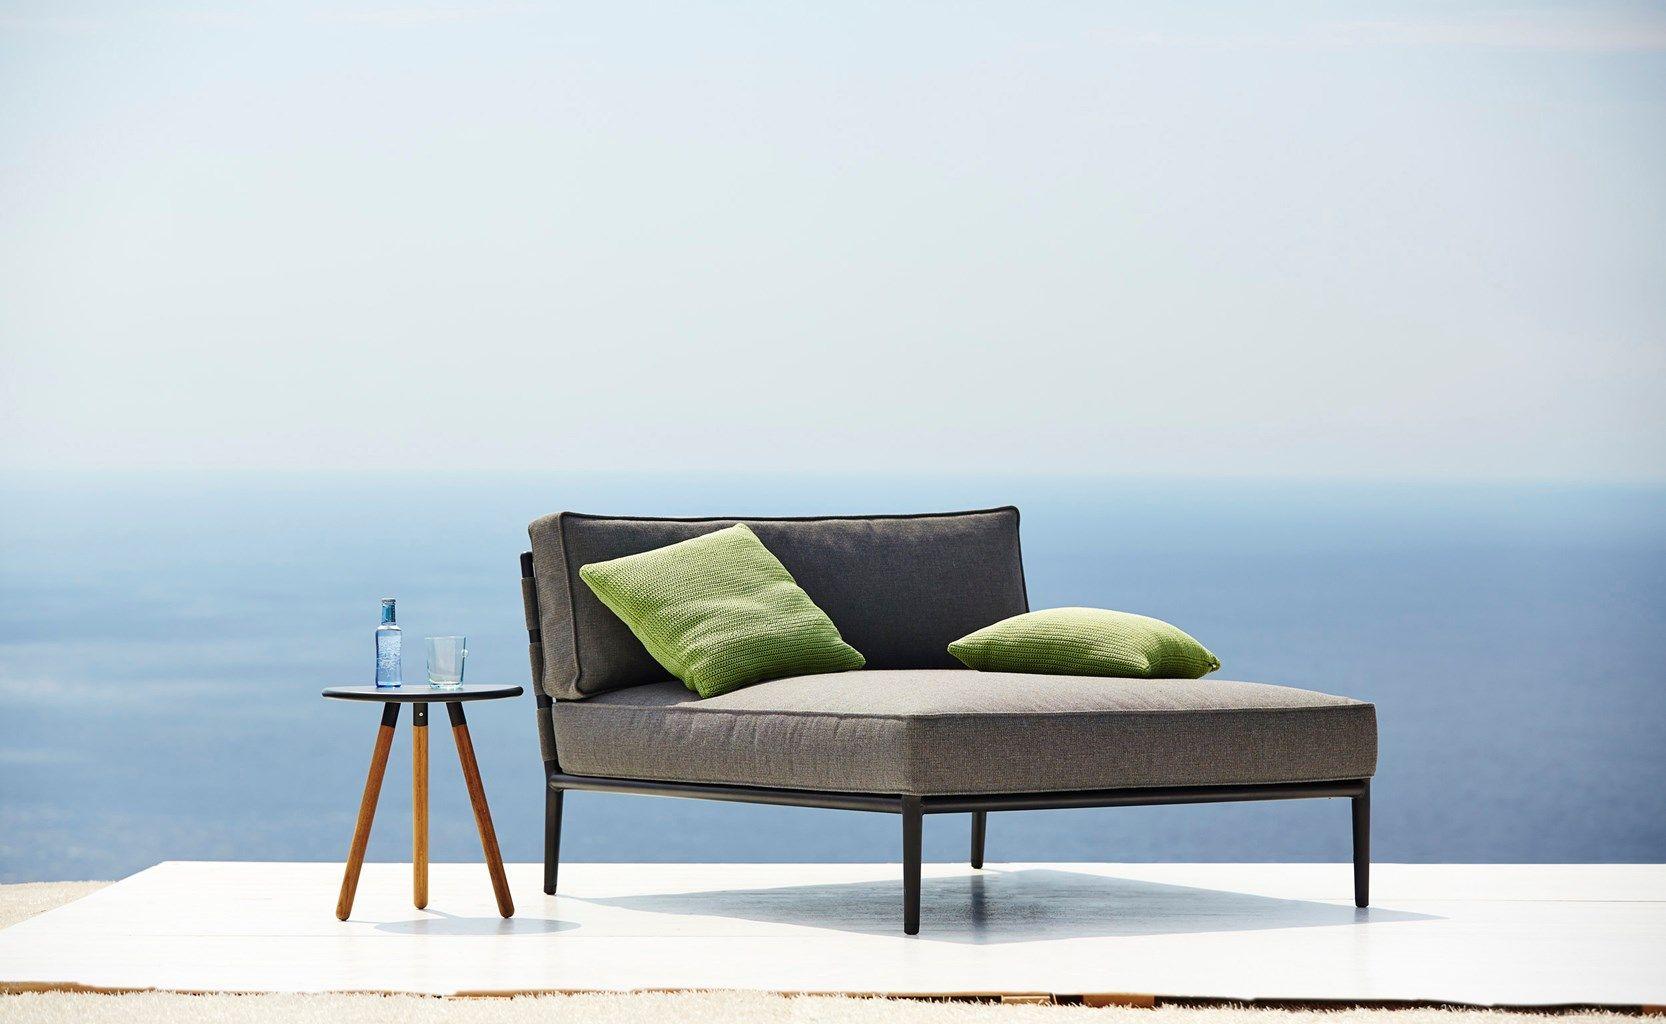 pin von grapedesign auf cane line pinterest wohnung m bel terrasse und balkon. Black Bedroom Furniture Sets. Home Design Ideas